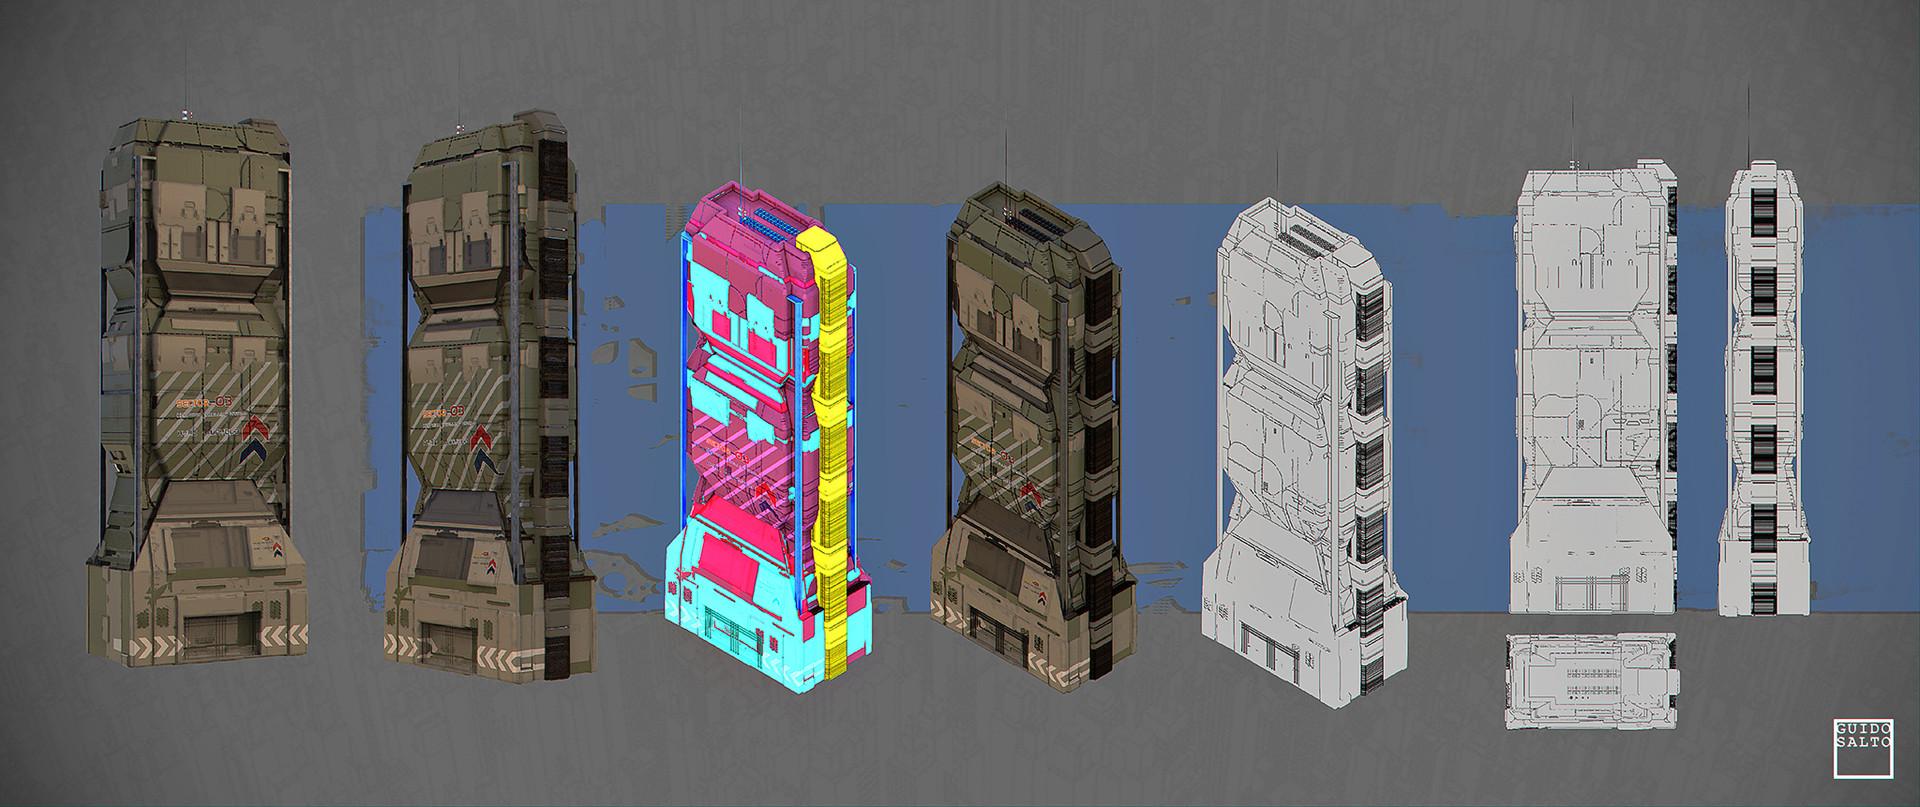 Medium Density Building